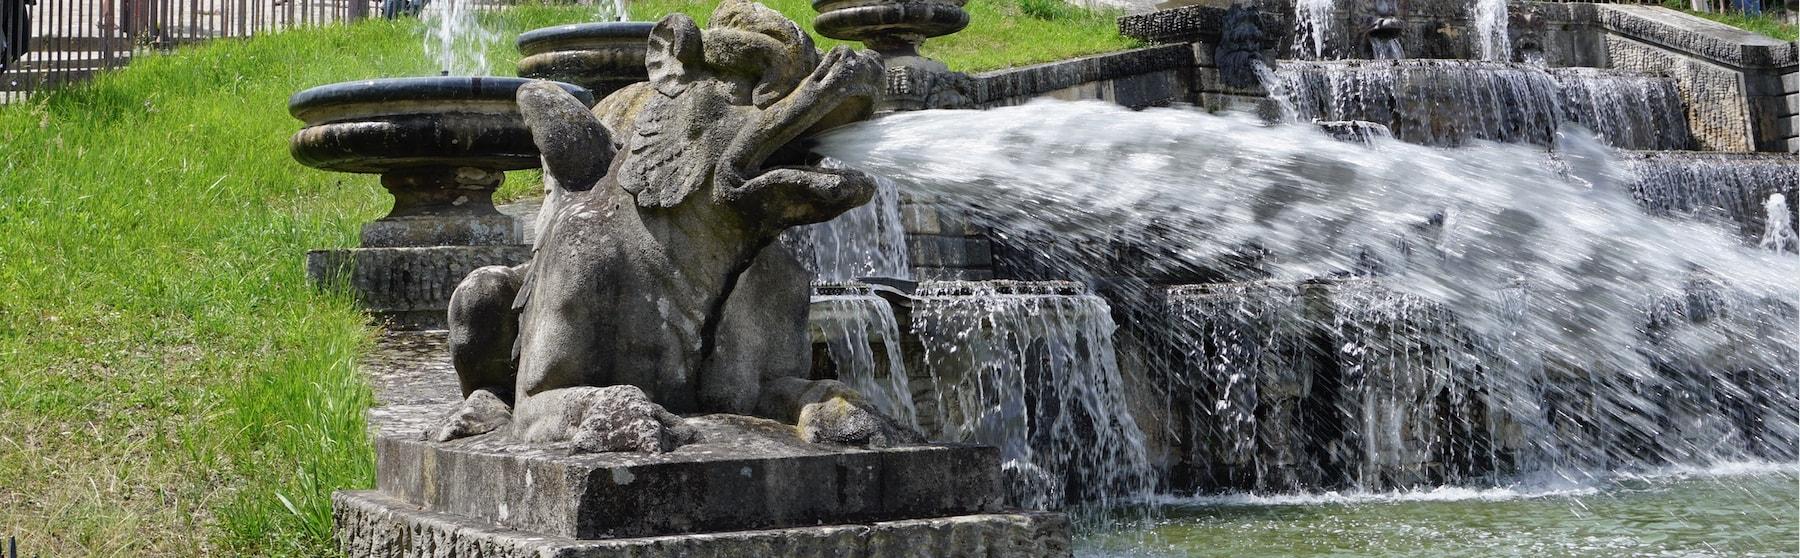 Sculpture dragon crachant de l'eau_Domaine de St cloud